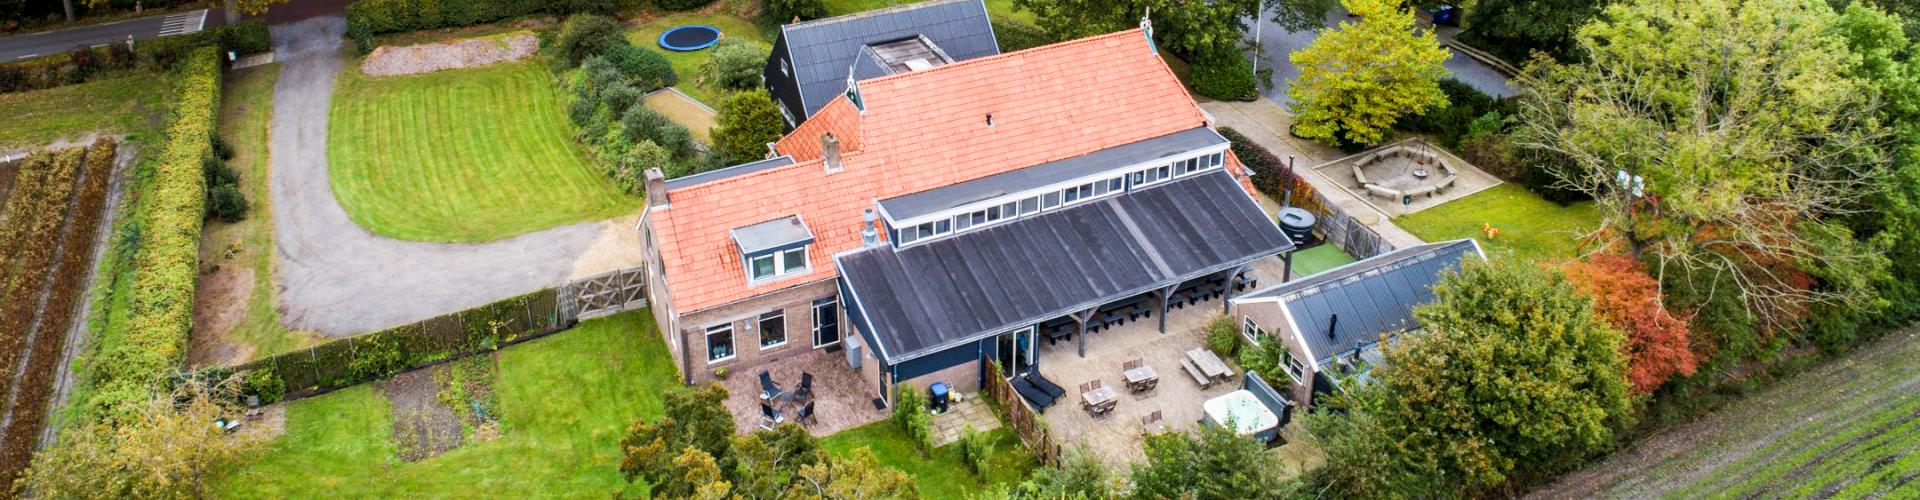 Groepsaccommodatie in Friesland de friese ardennen vanaf boven